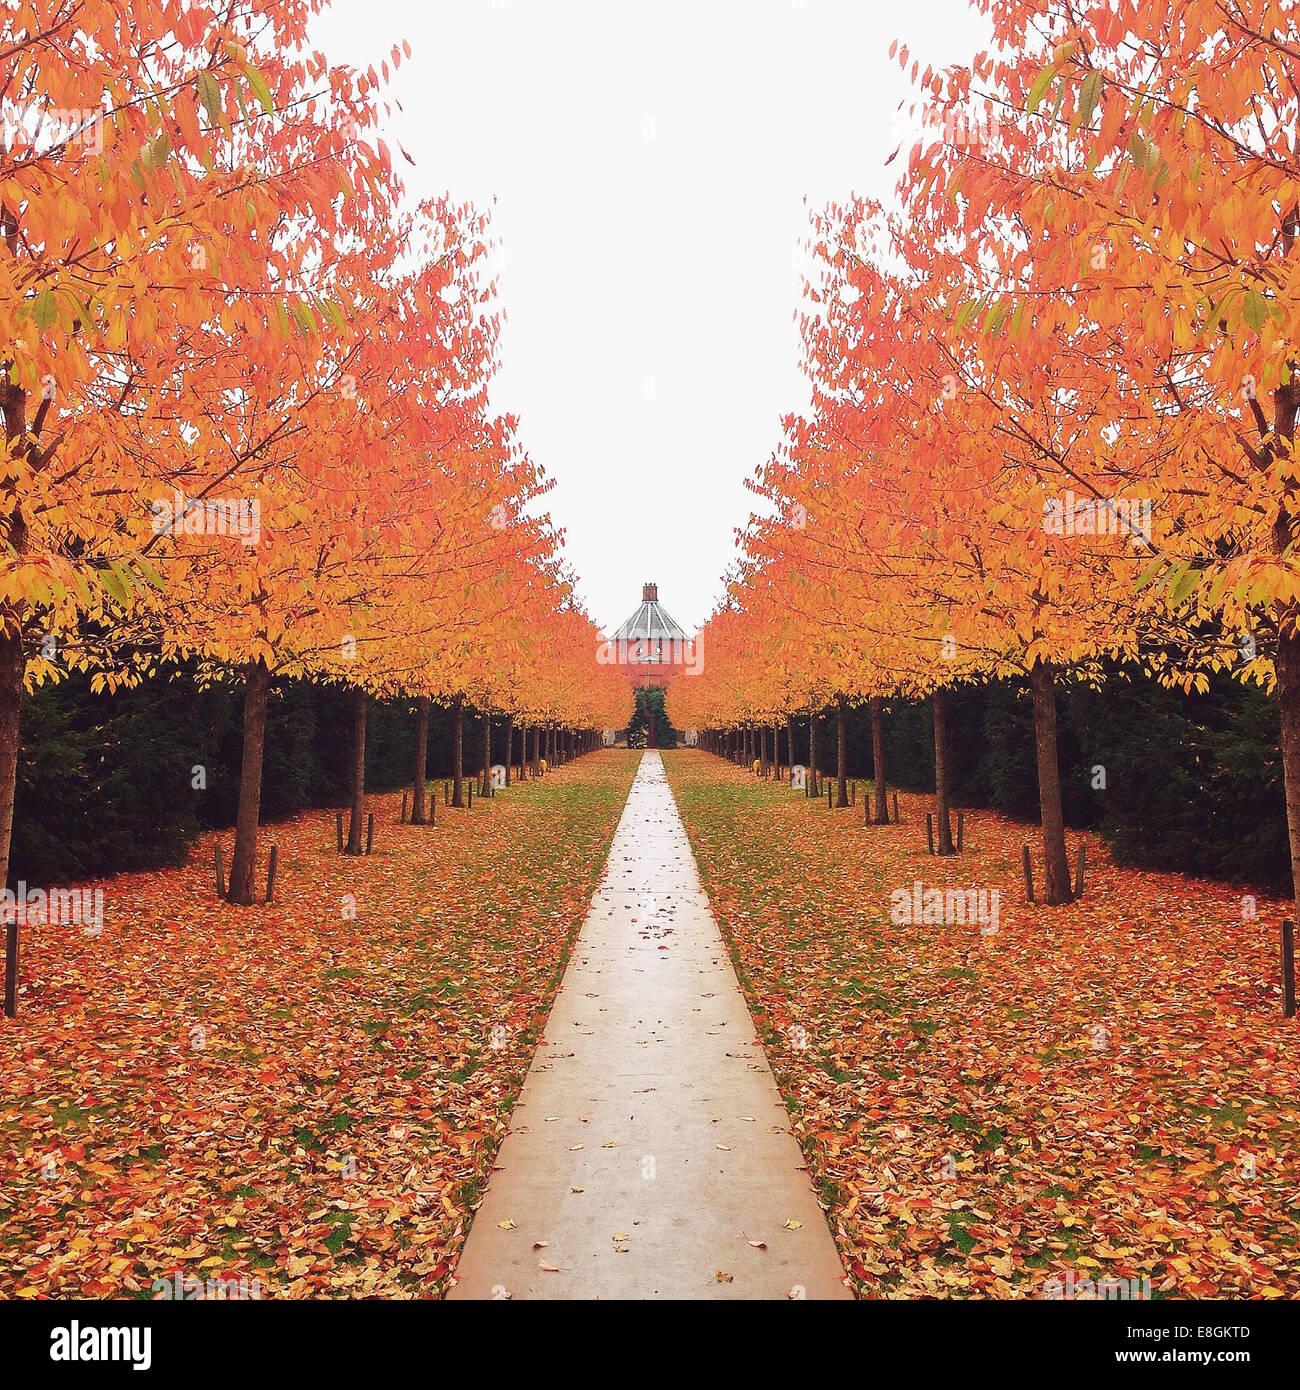 Denmark, Copenhagen, Treelined path in autumn - Stock Image